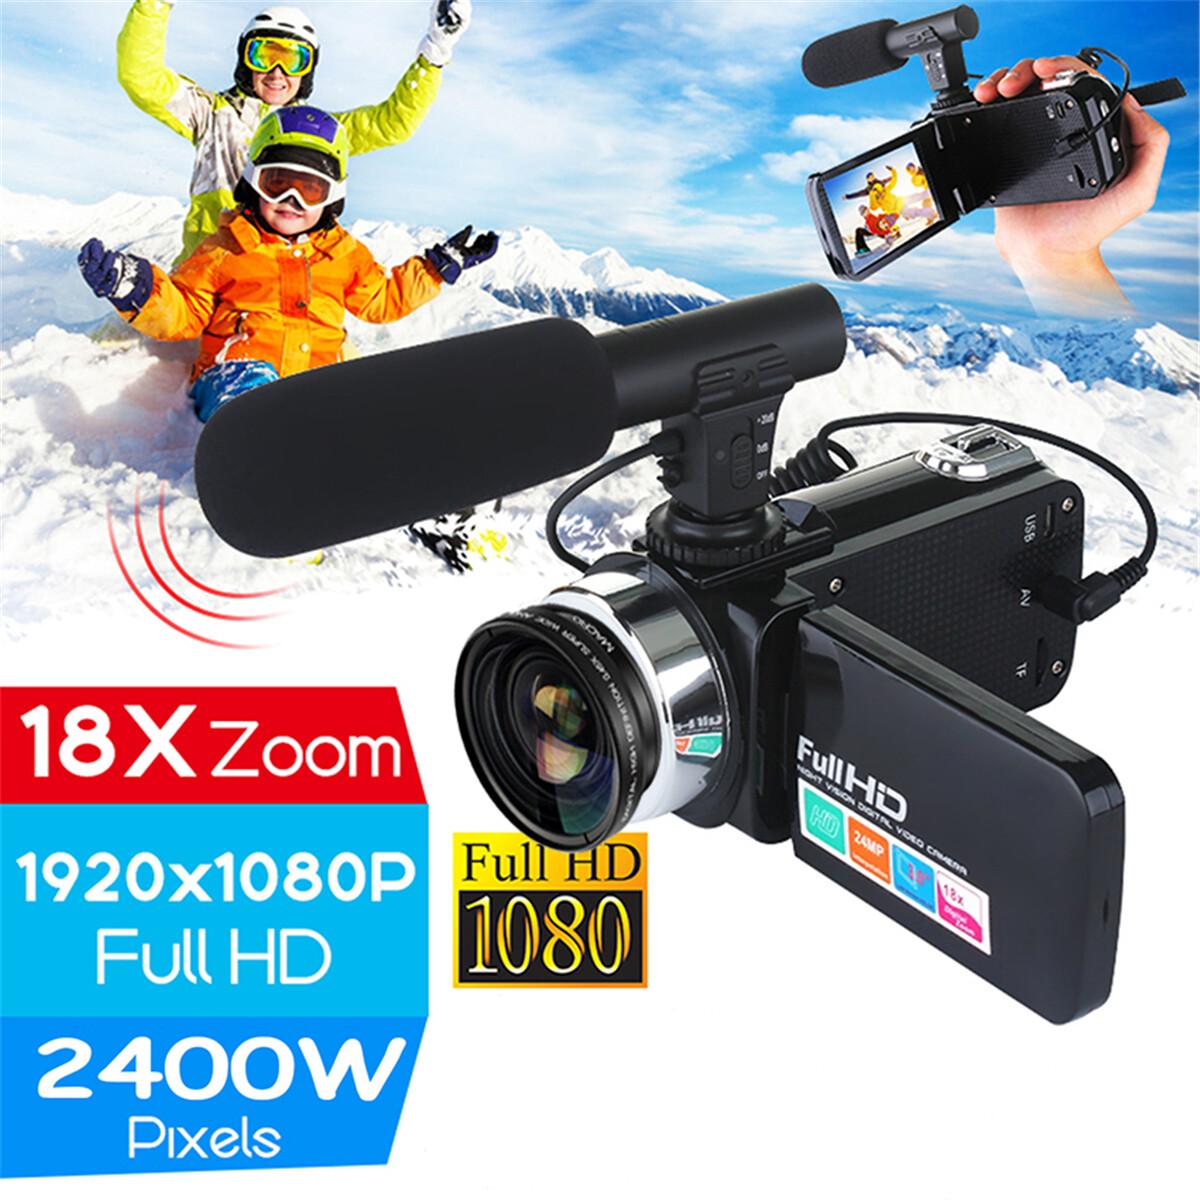 2400 ล้านพิกเซลVlogกล้องถ่ายวิดีโอFull HD 1080Pกล้องวิดีโอ 16X Digital ZOOMรองรับไมโครโฟนและเลนส์ภายนอก